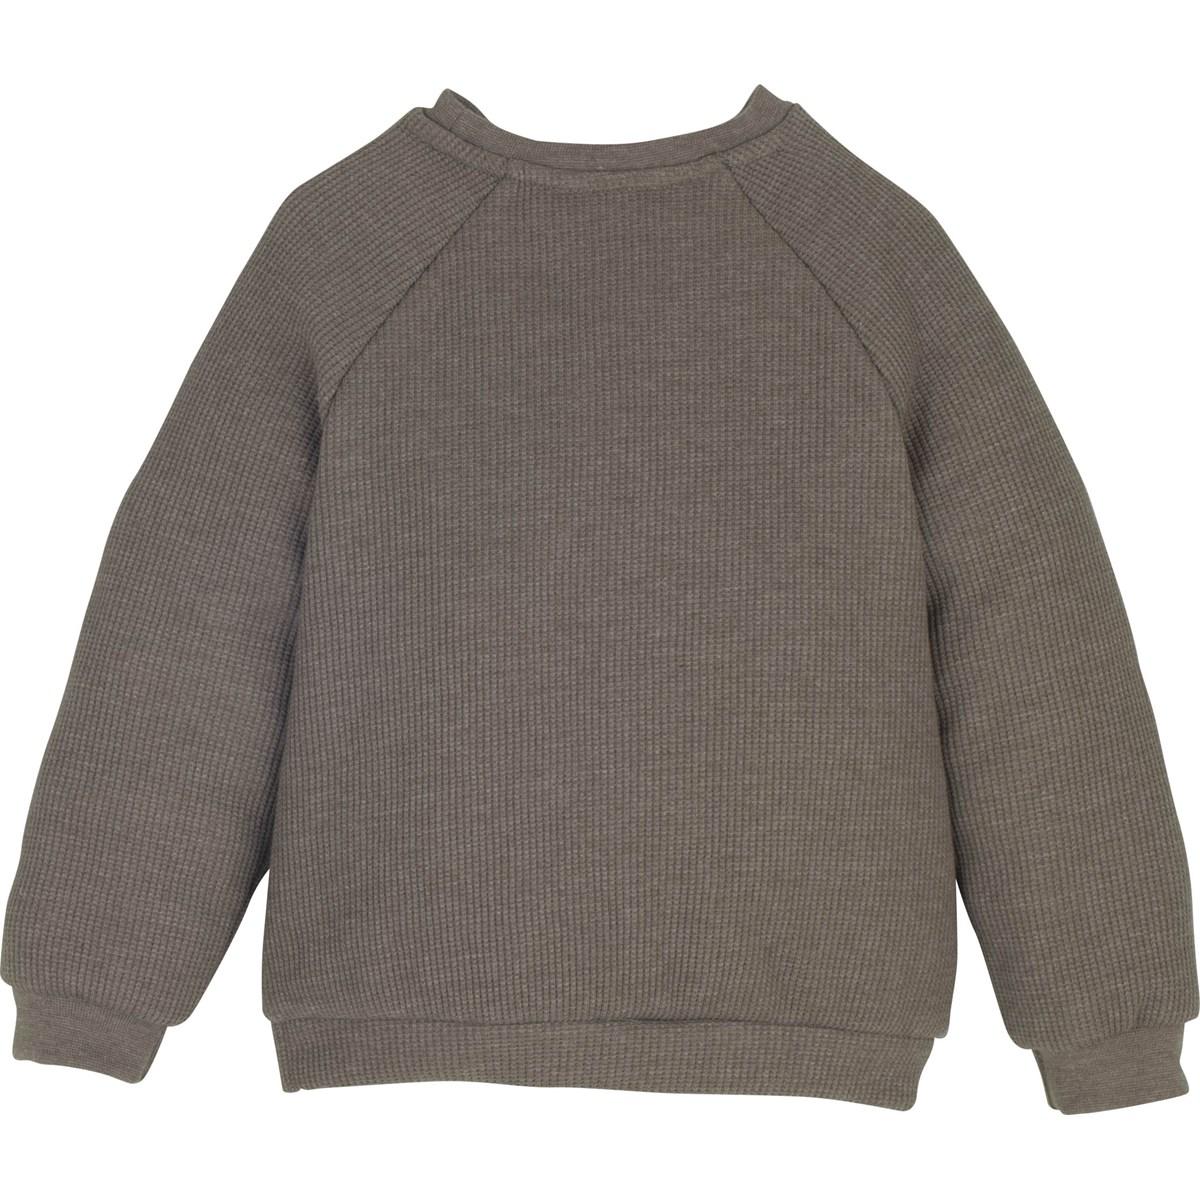 13911 Sweatshirt 2